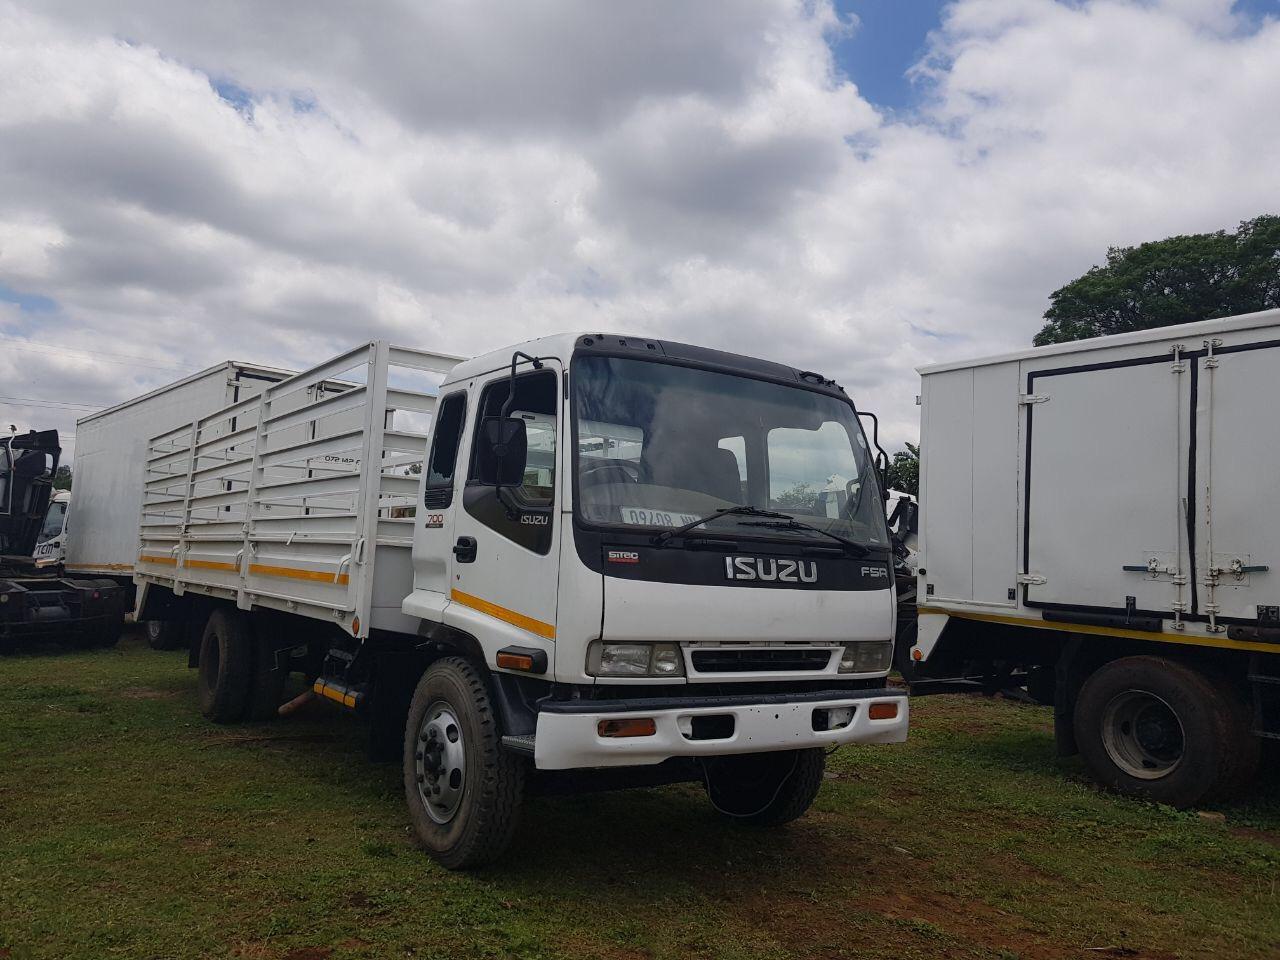 Isuzu FSR 700 cattle truck